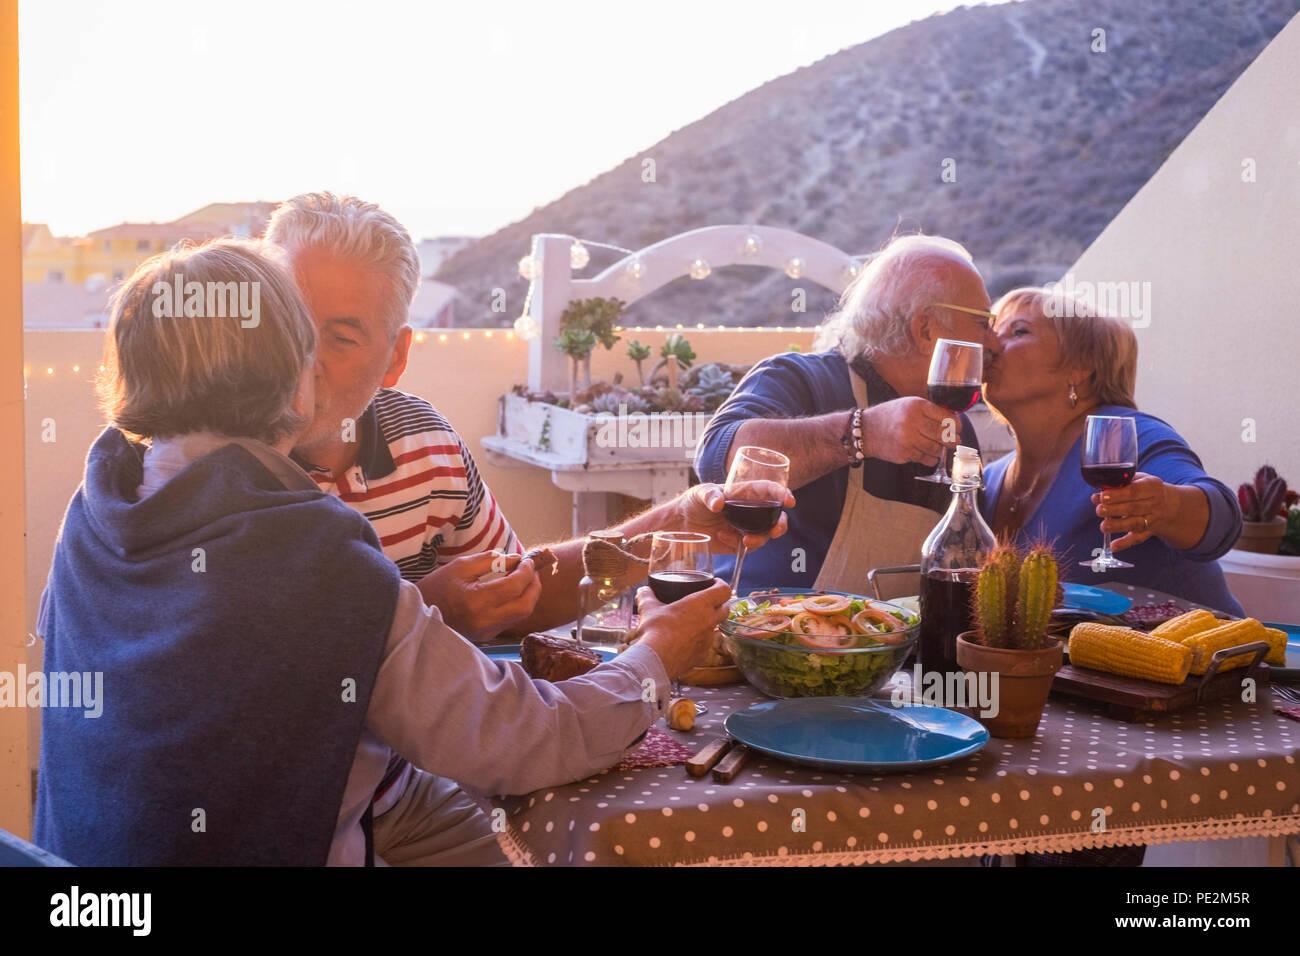 Nette Gruppe der kaukasischen erwachsener Menschen in Glück bleiben zusammen für Abendessen im Freien auf der Terrasse. liebe und freundschaft Konzept mit herrlichen Ausblick. v Stockbild